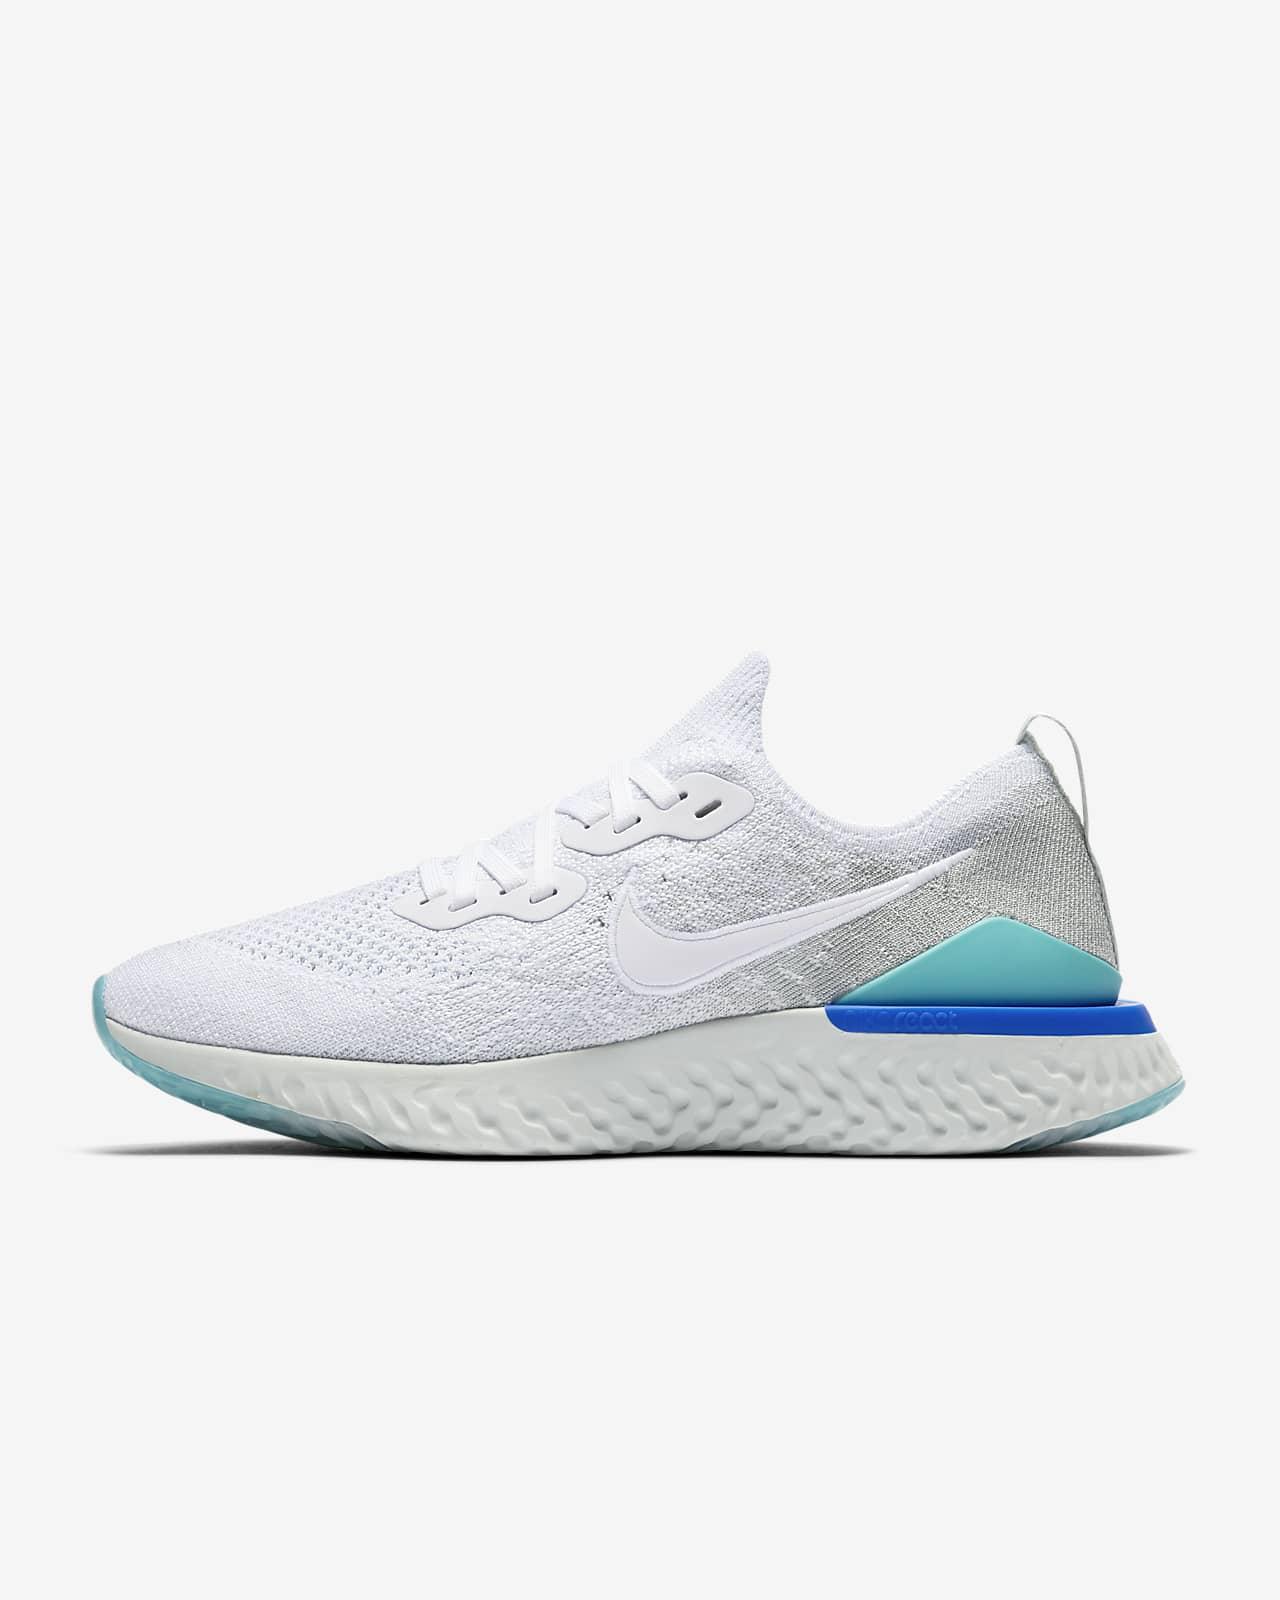 Miguel Ángel Memoria práctico  Nike Epic React Flyknit 2 Zapatillas de running - Mujer. Nike ES